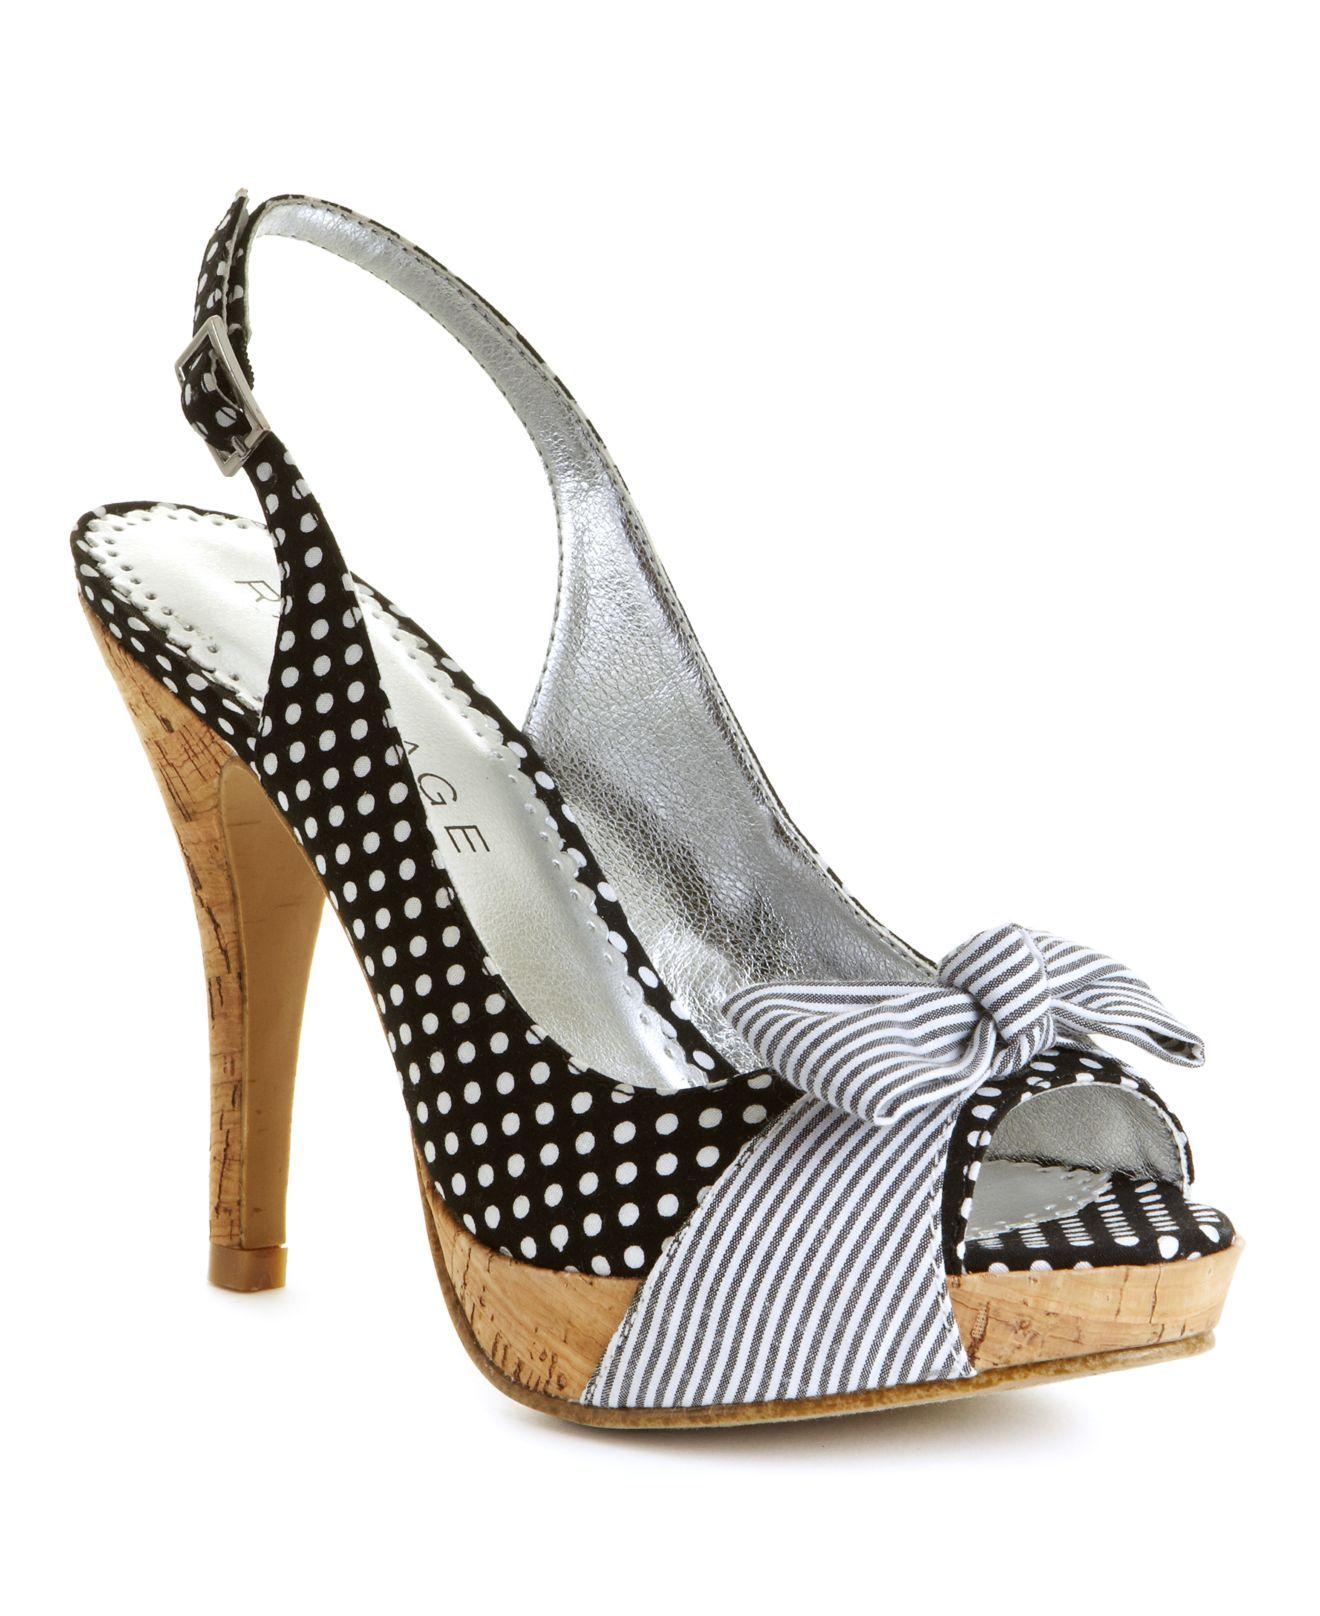 Rampage Shoes, Grayson Pumps - Pumps - Shoes - Macy's